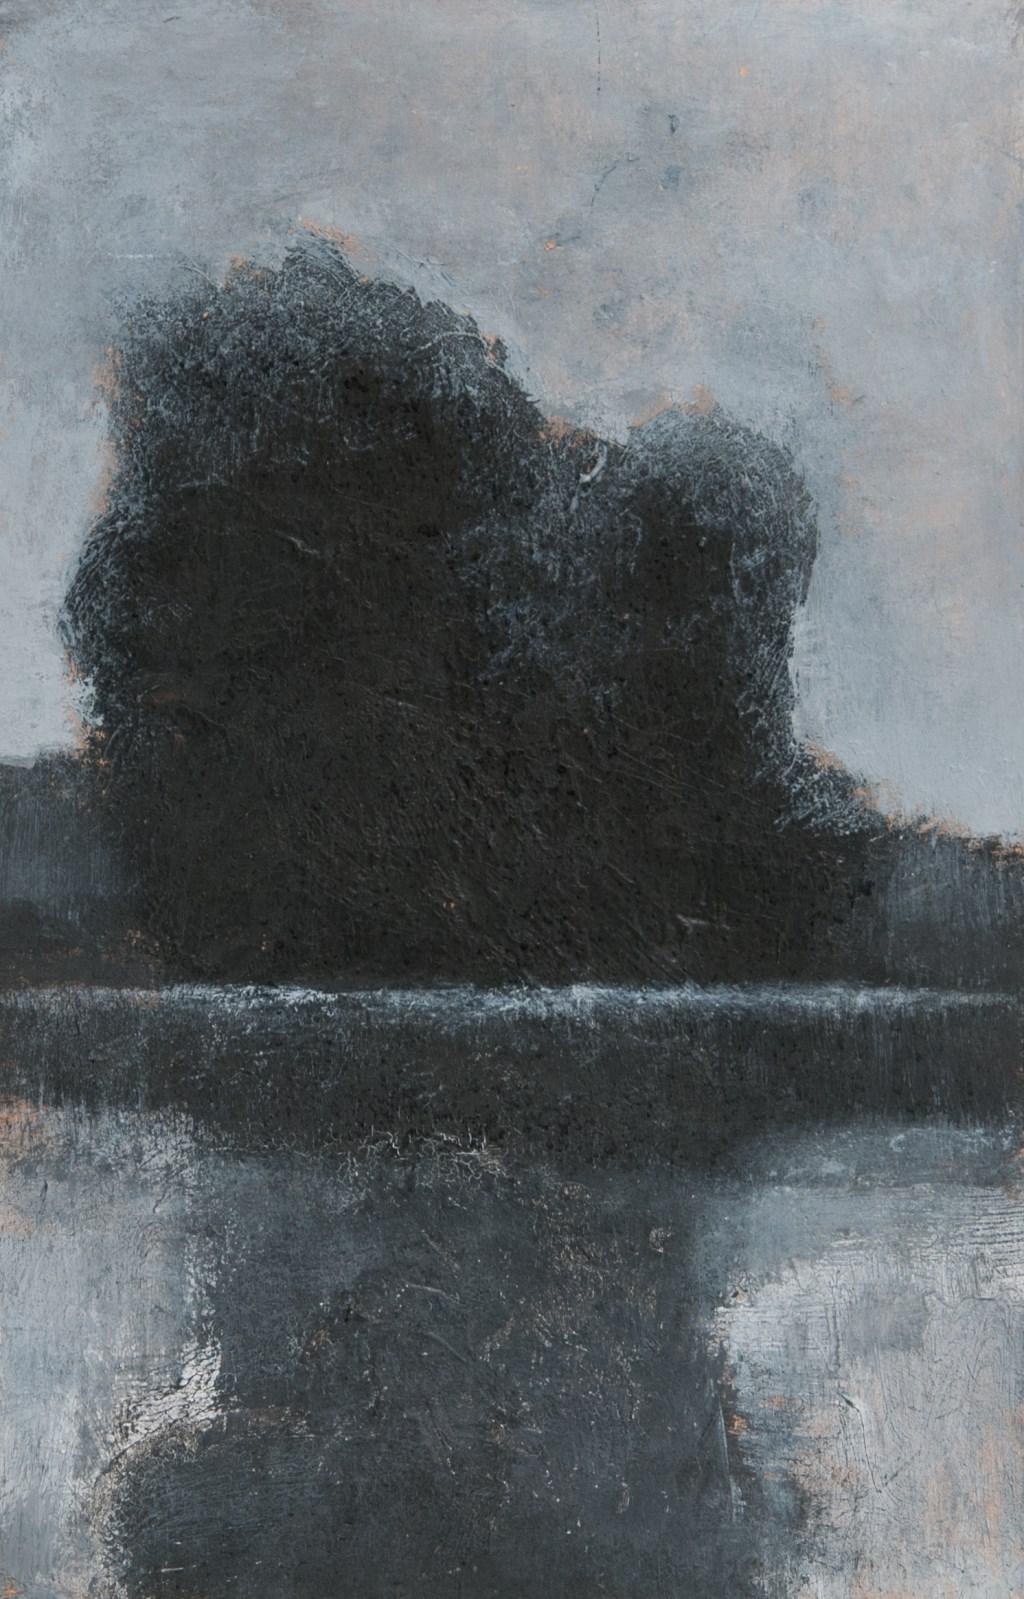 Jan Radersma schildert zijn beelden op gevonden stukken karton of hout. Daarna krijgen ze een tweede leven en blijft hun voorgeschiedenis deels behouden in vlekken, krassen en tinten.